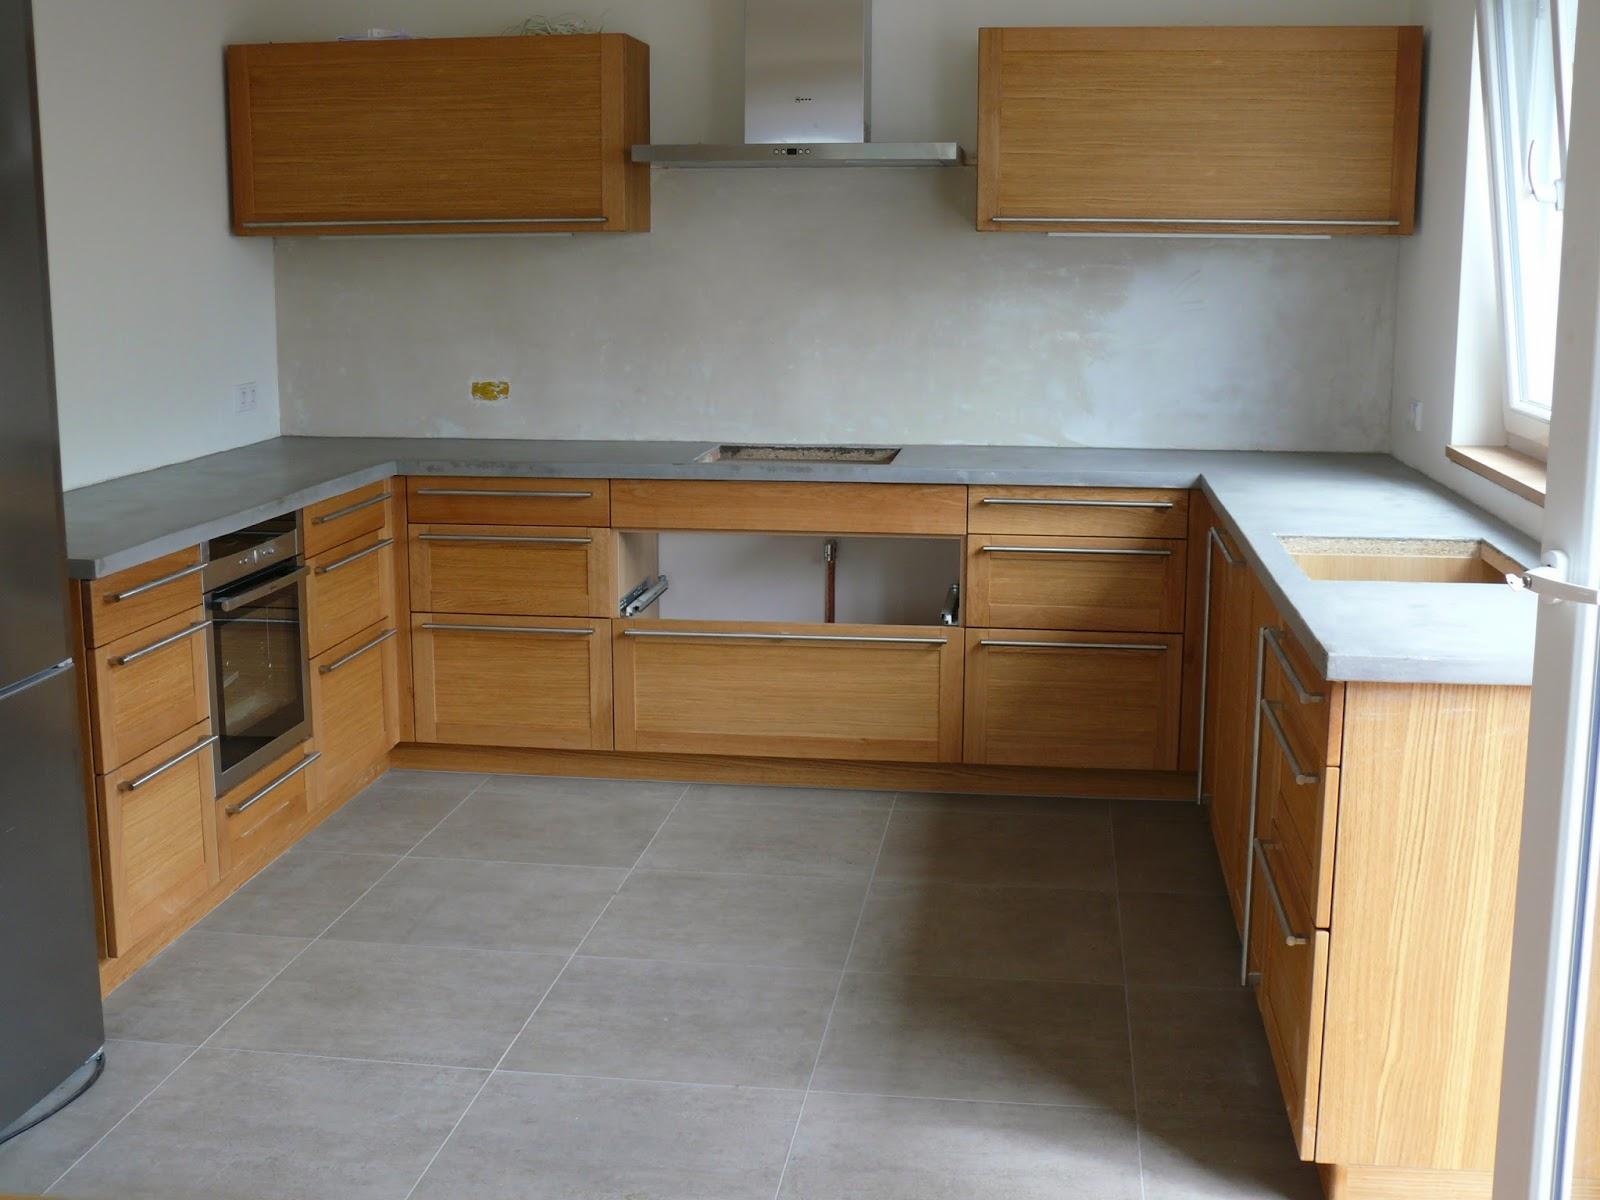 Küchen Arbeitsplatte Beton Optik | Küchenarbeitsplatte Beton ...